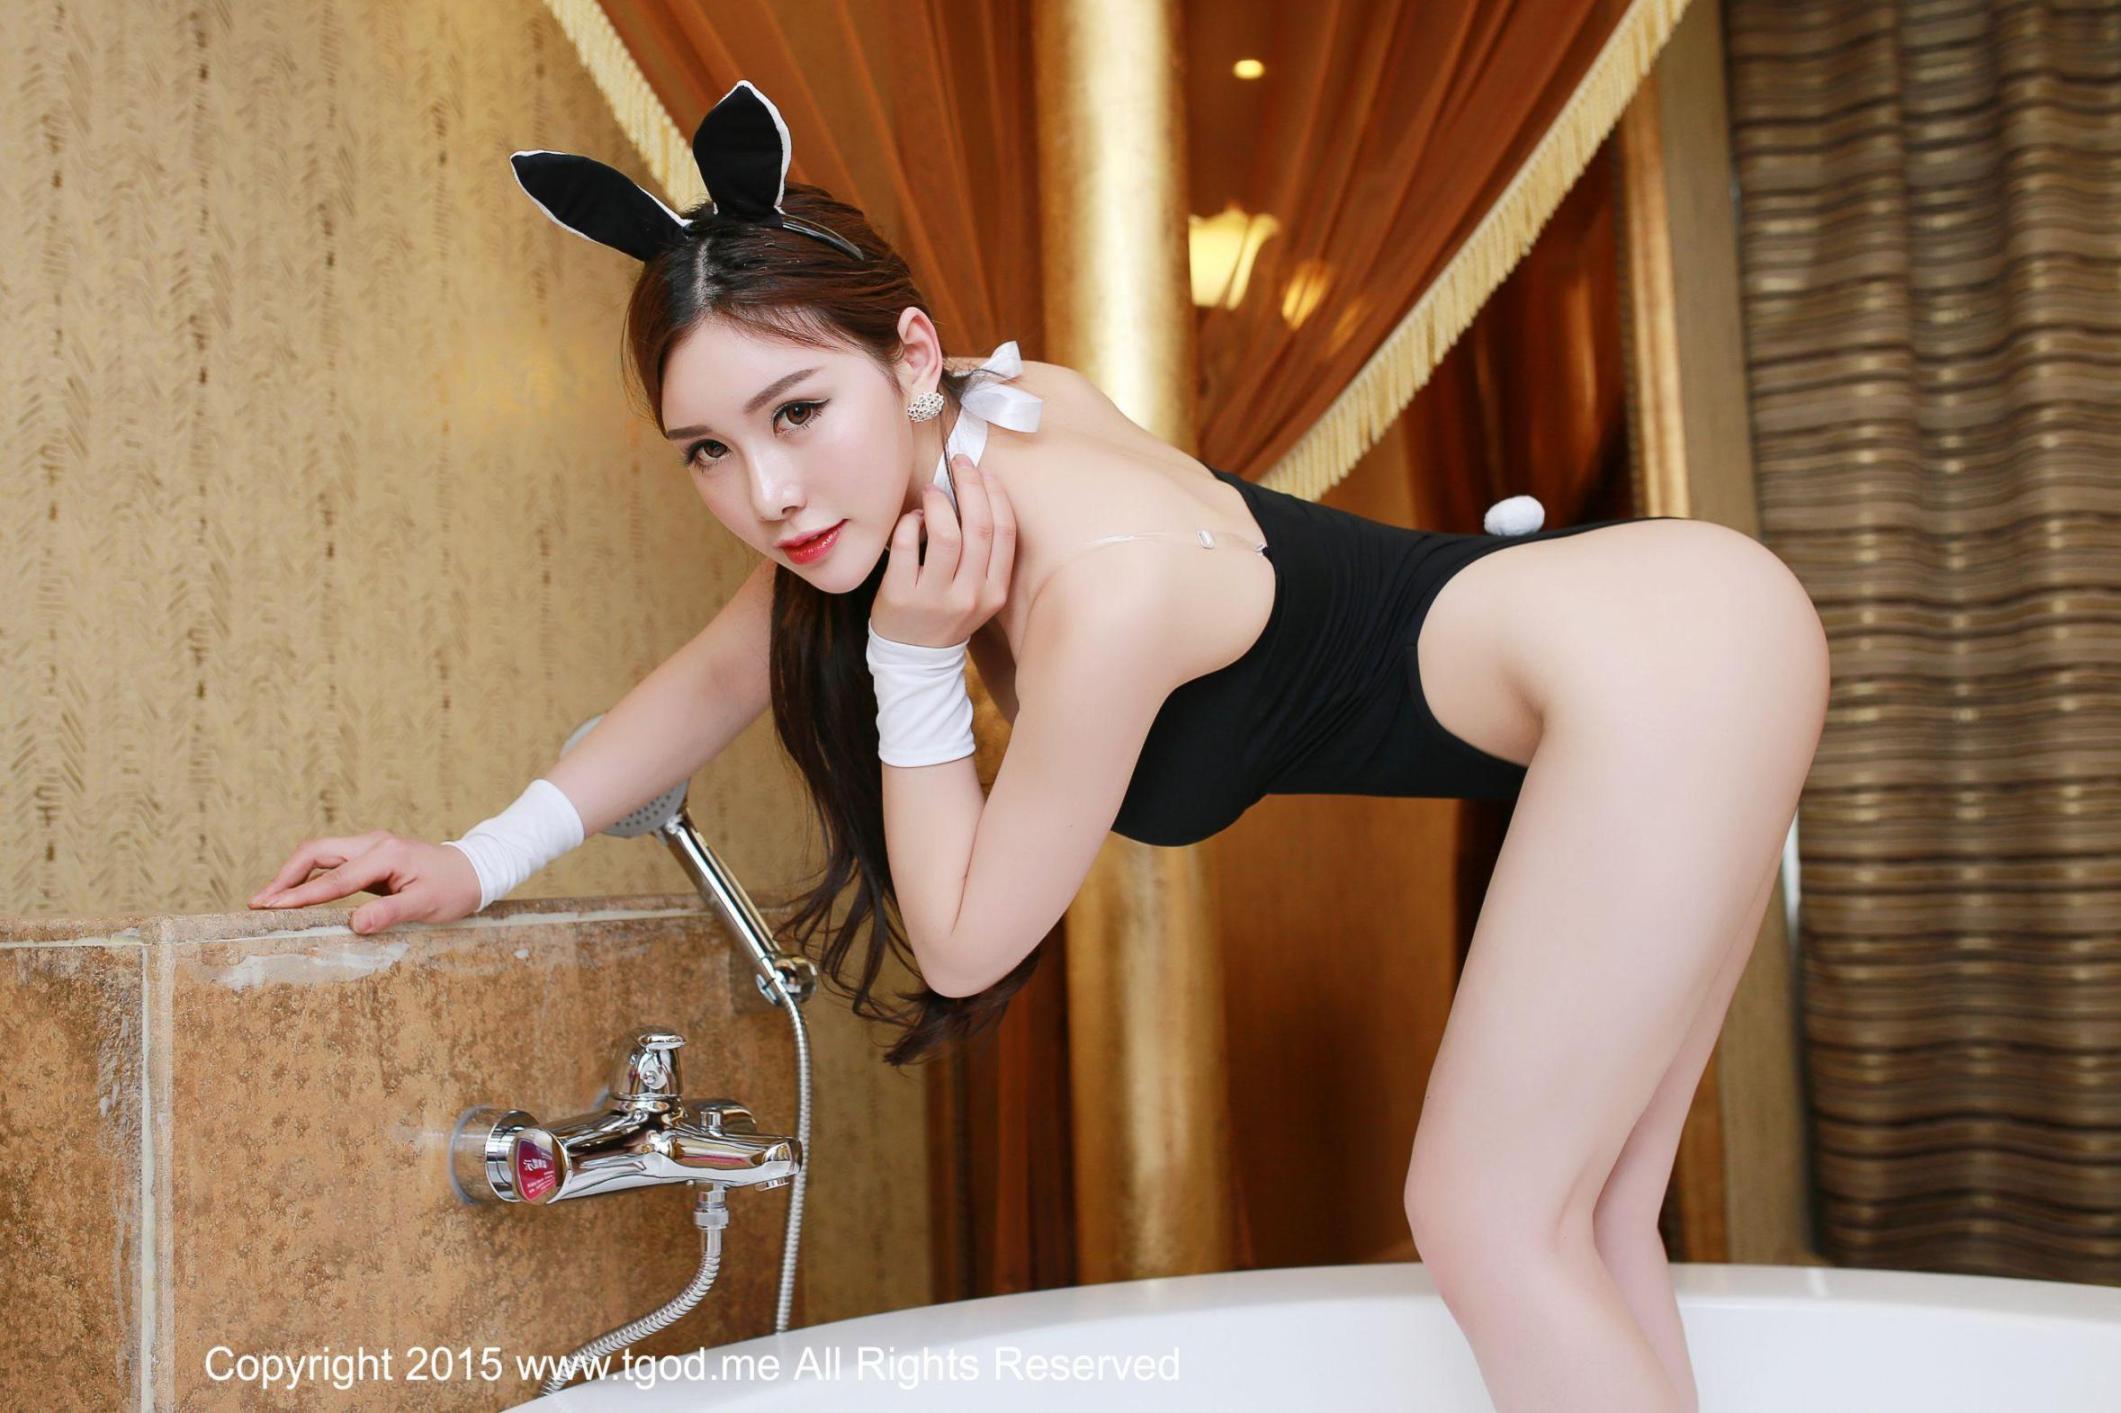 [推女神] 于姬 胸器逼人 性感兔女郎 美臀美腿 高清写真套图